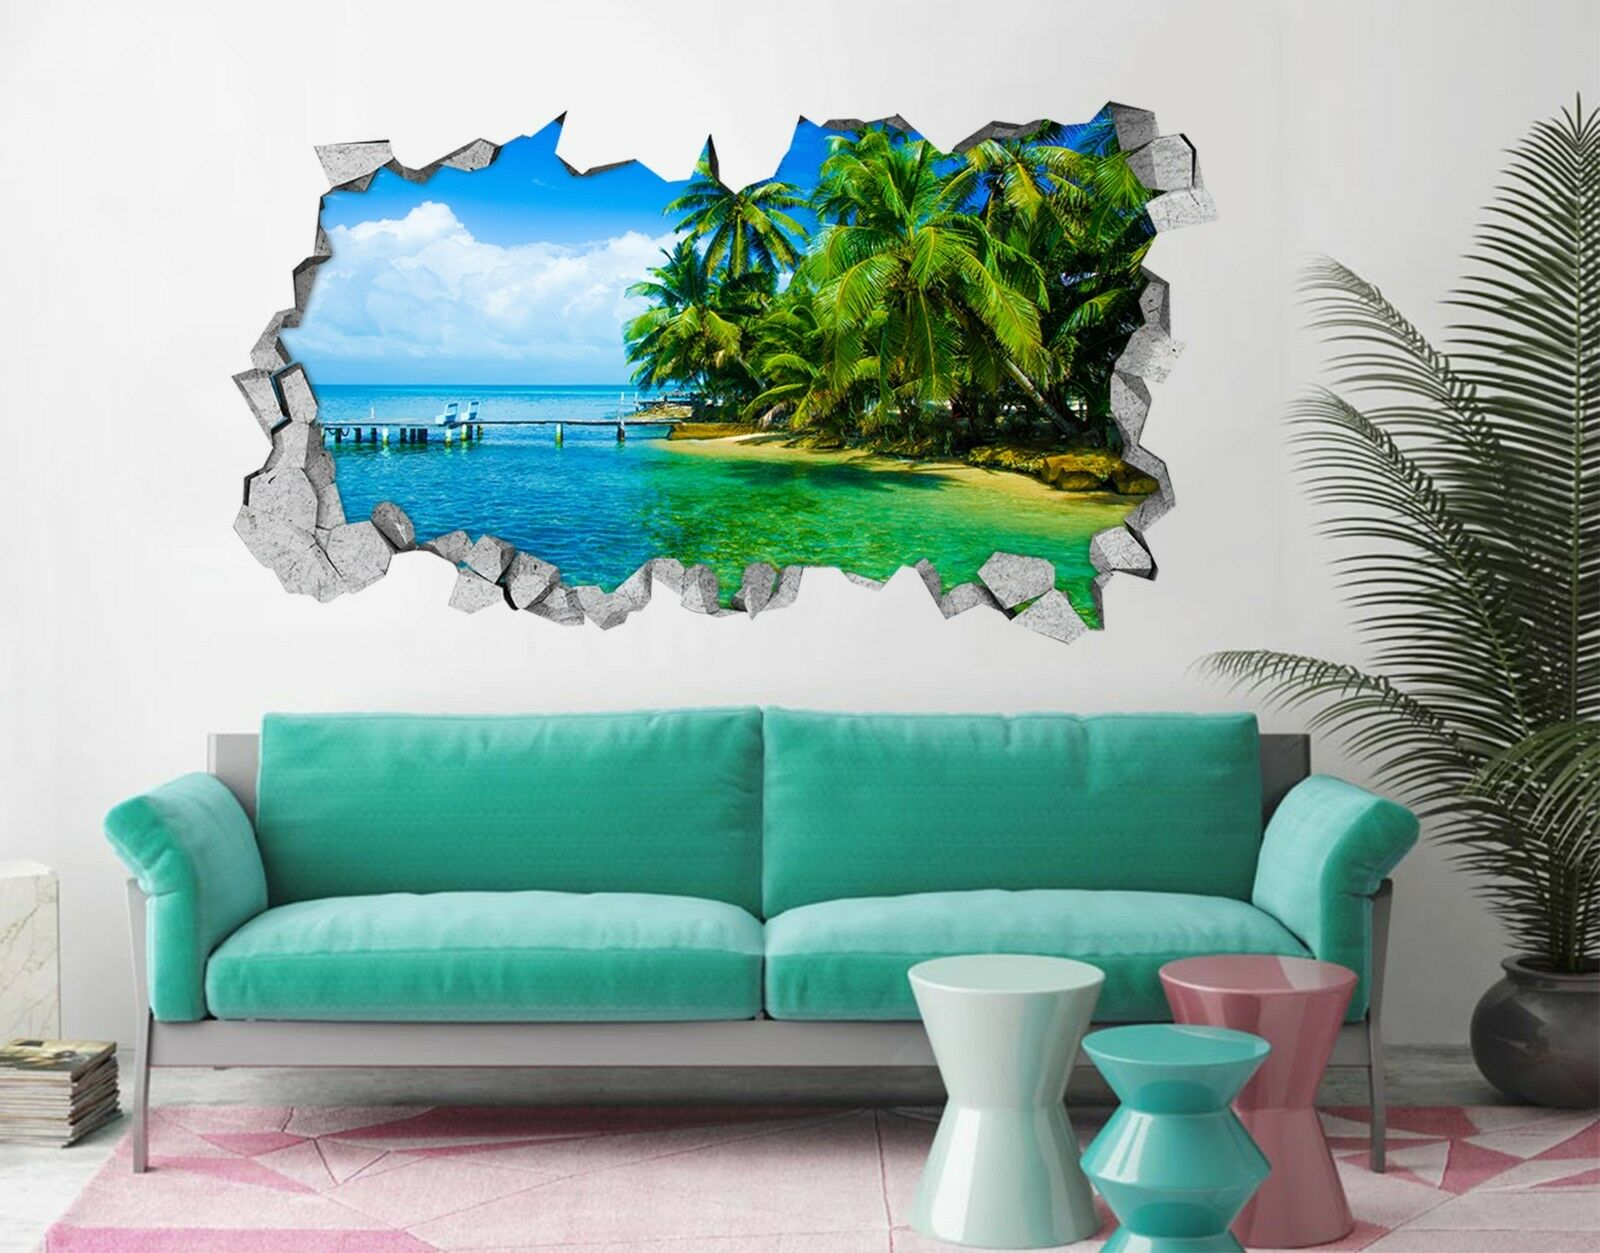 3D Tropisch Meer 12 Mauer Murals Mauer Aufklebe Decal Durchbruch AJ WALLPAPER DE